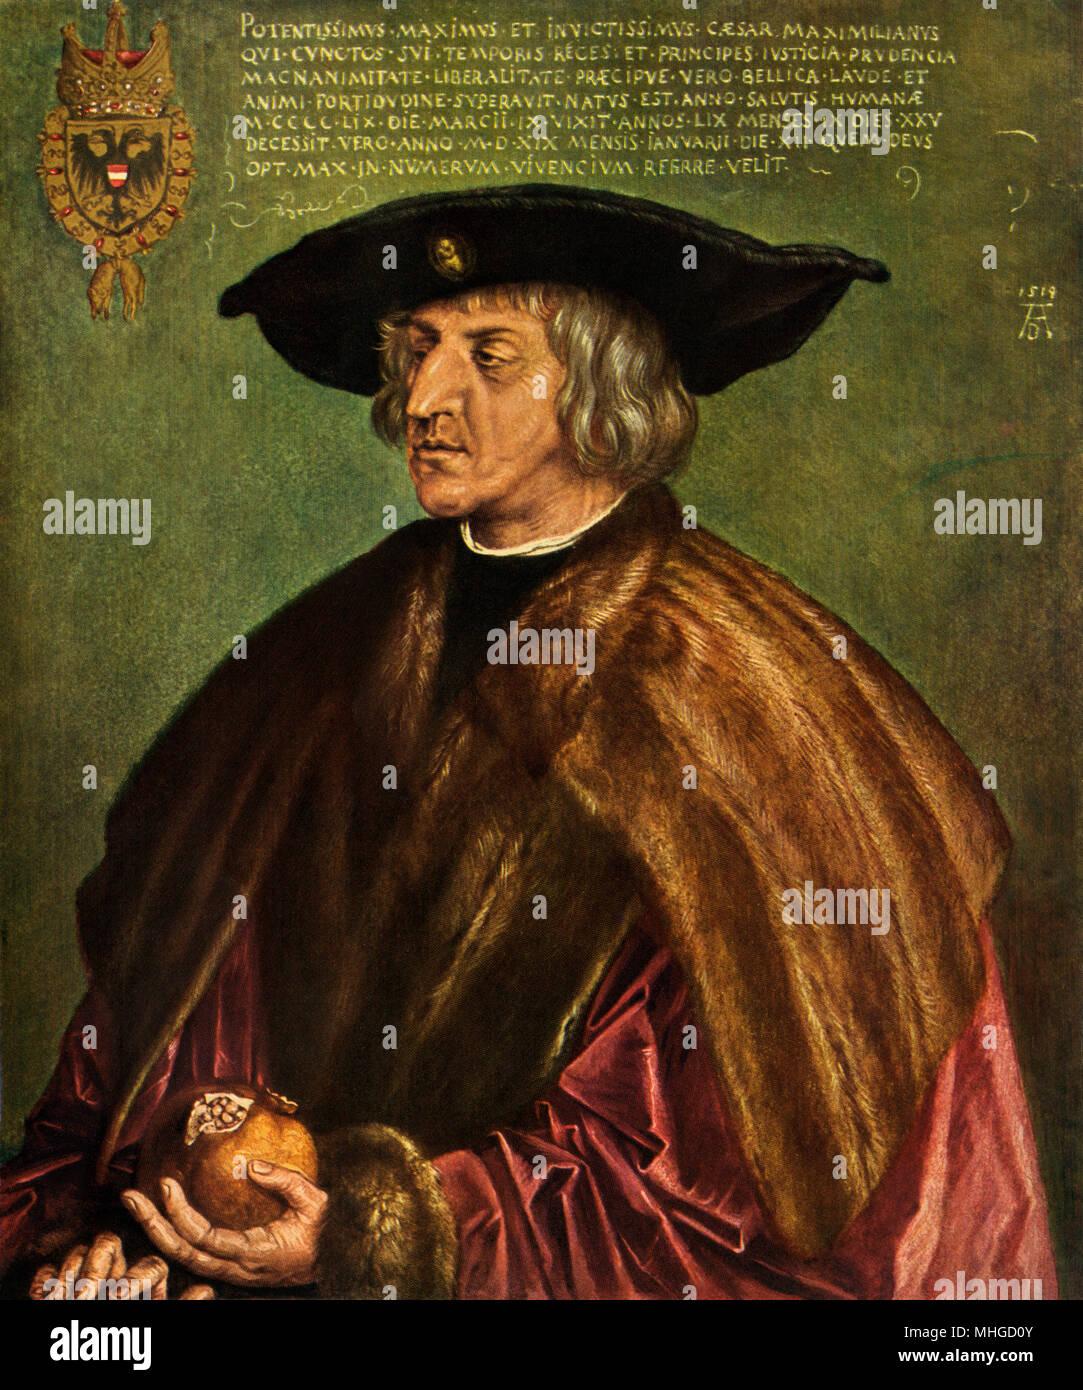 Kaiser des Heiligen Römischen Reiches Maximilian I. gedruckte Reproduktion eines Albrecht Dürer Gemälde Stockbild